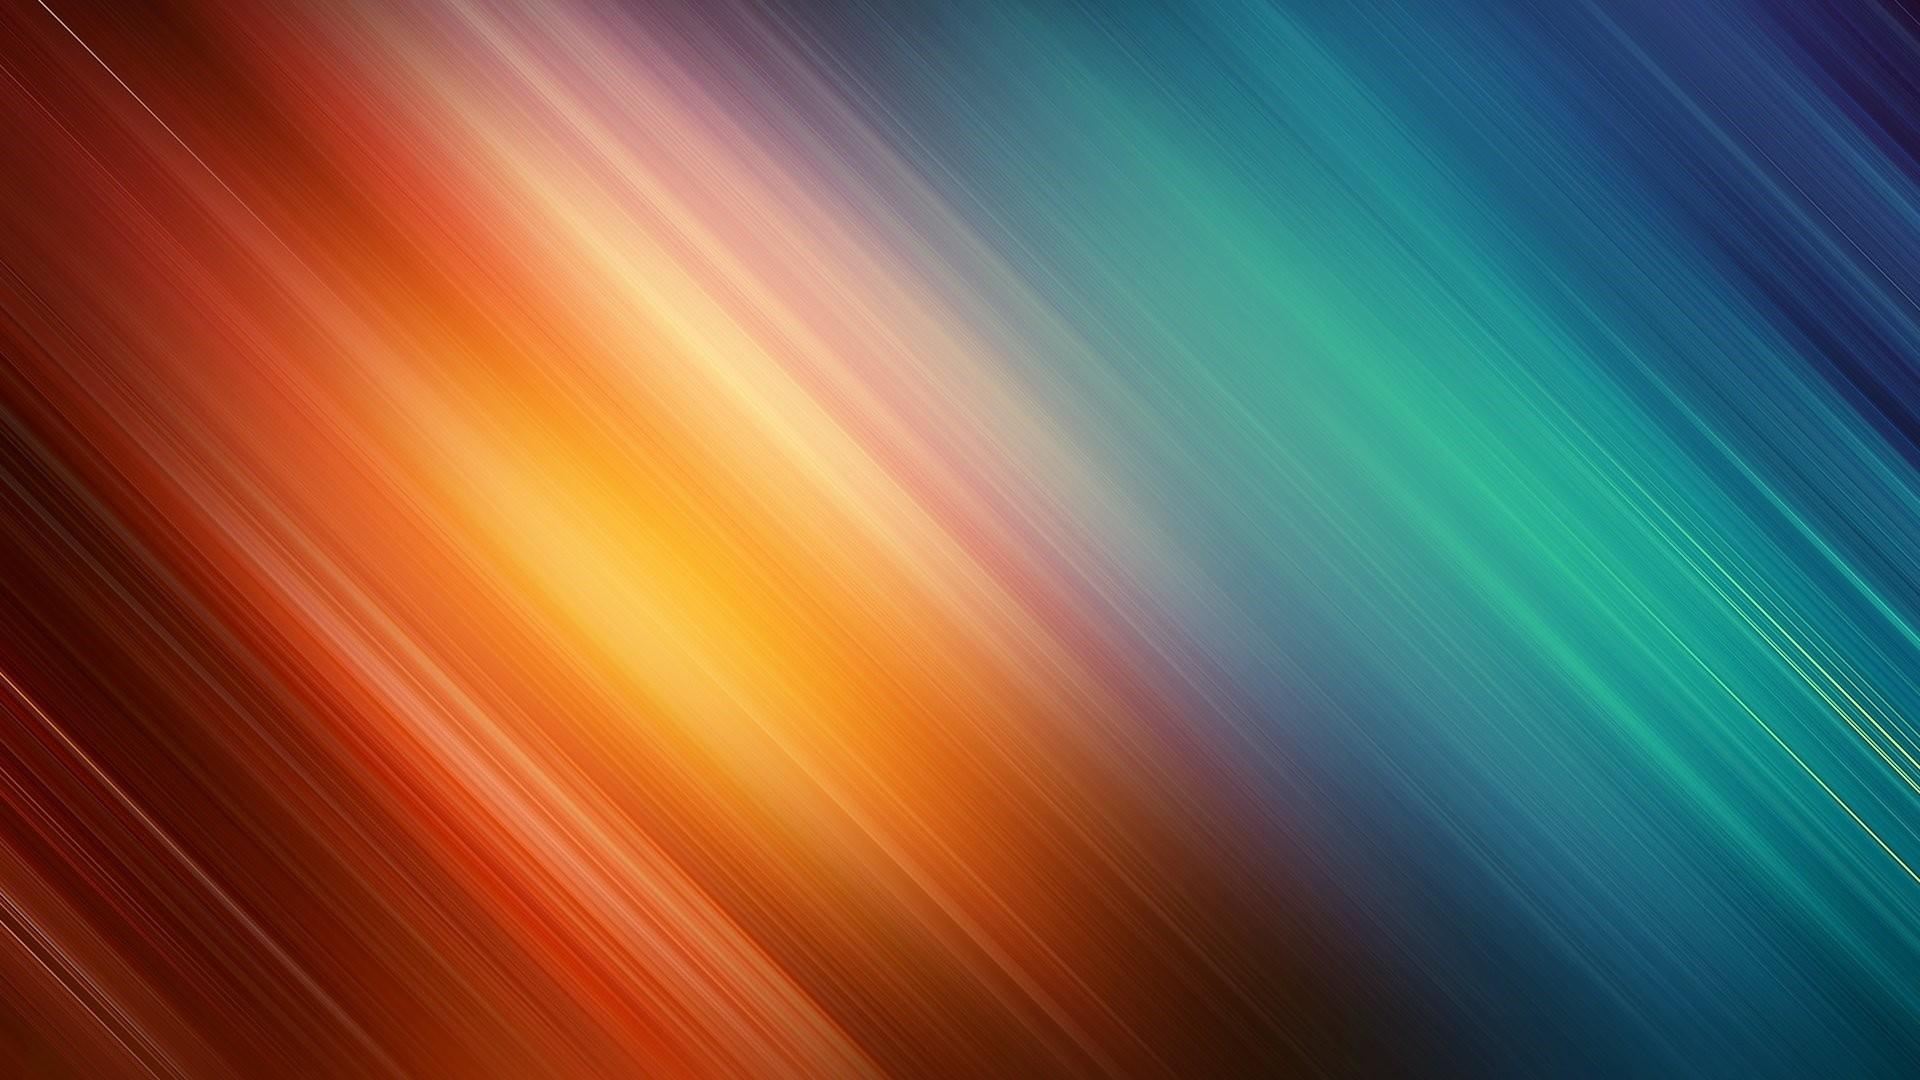 Gradient hd wallpaper download